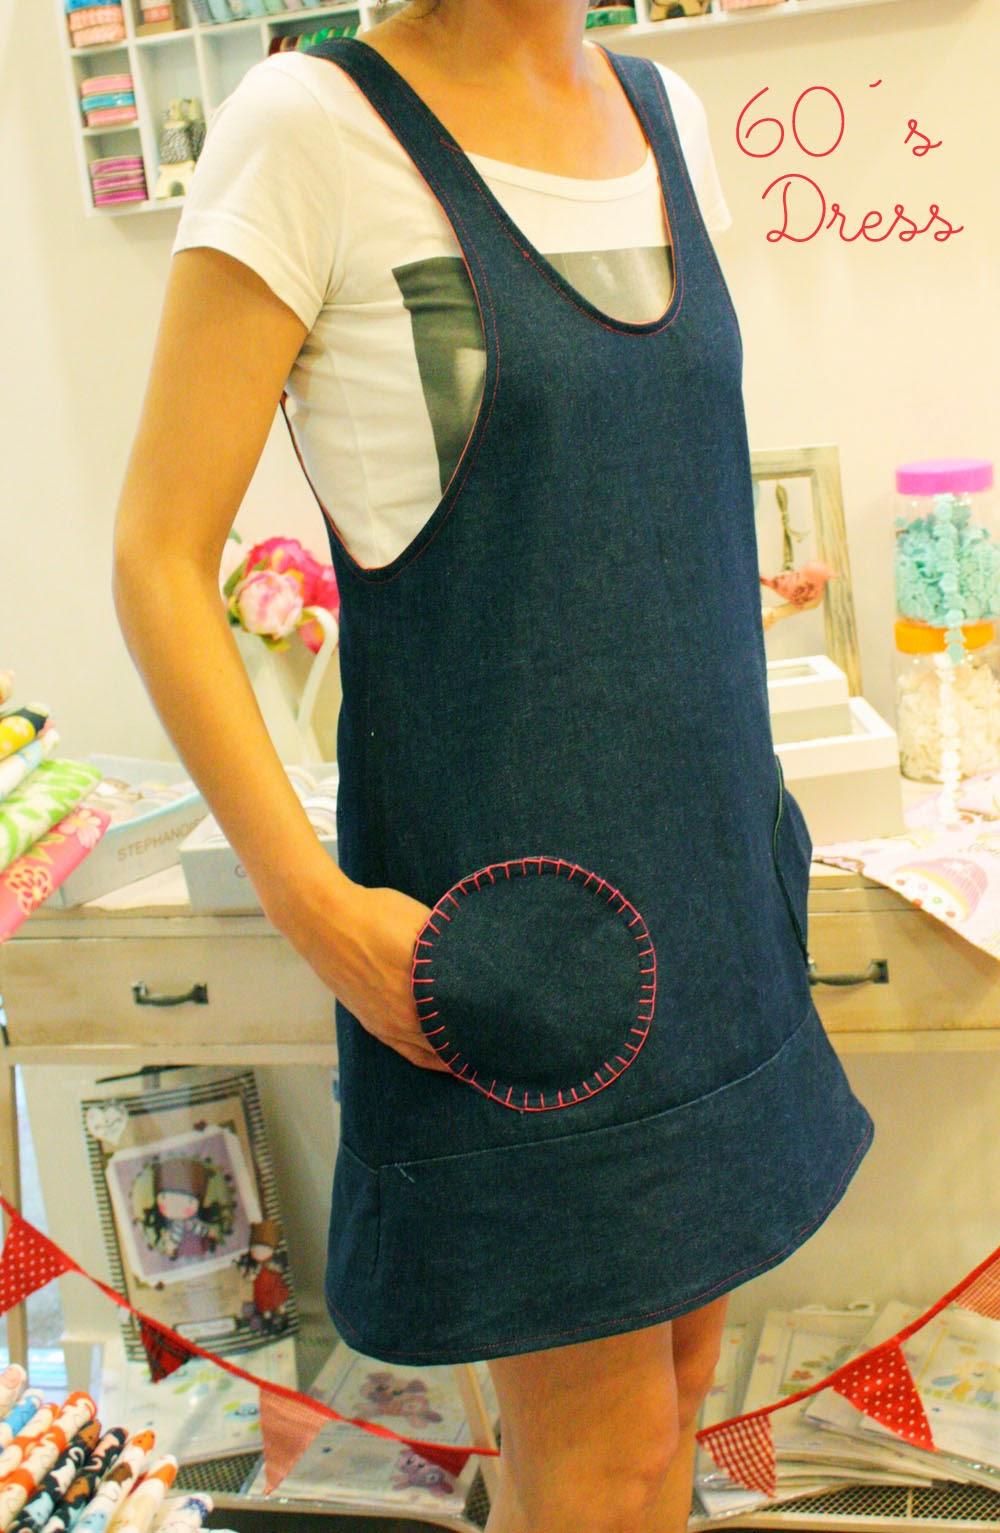 Clases de costura a máquina en Sweet sixteen craft store